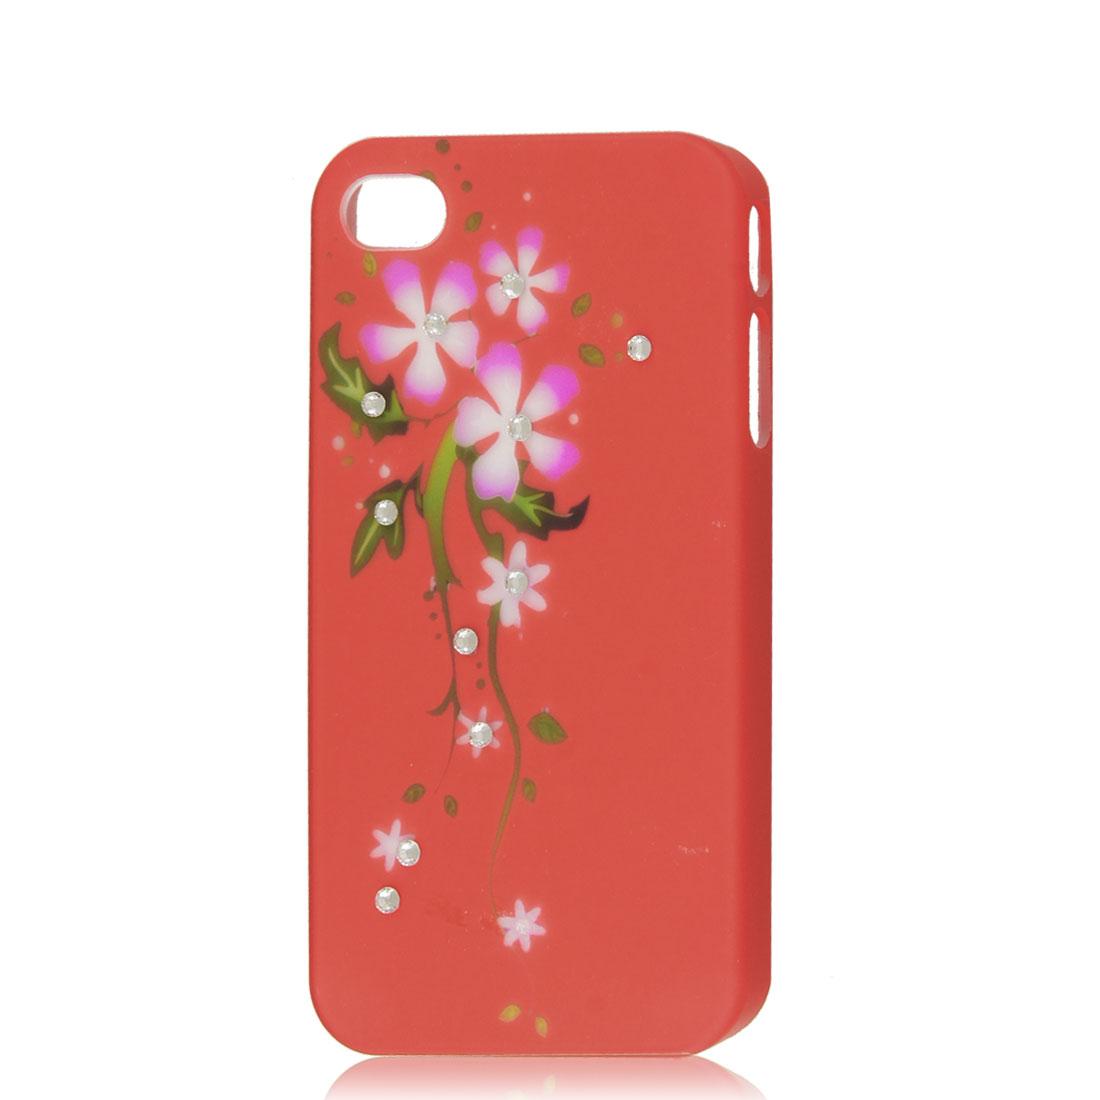 Orange Red Bling Glitter Rhinestone Flower Hard Back Case Cover for Apple iPhone 4G